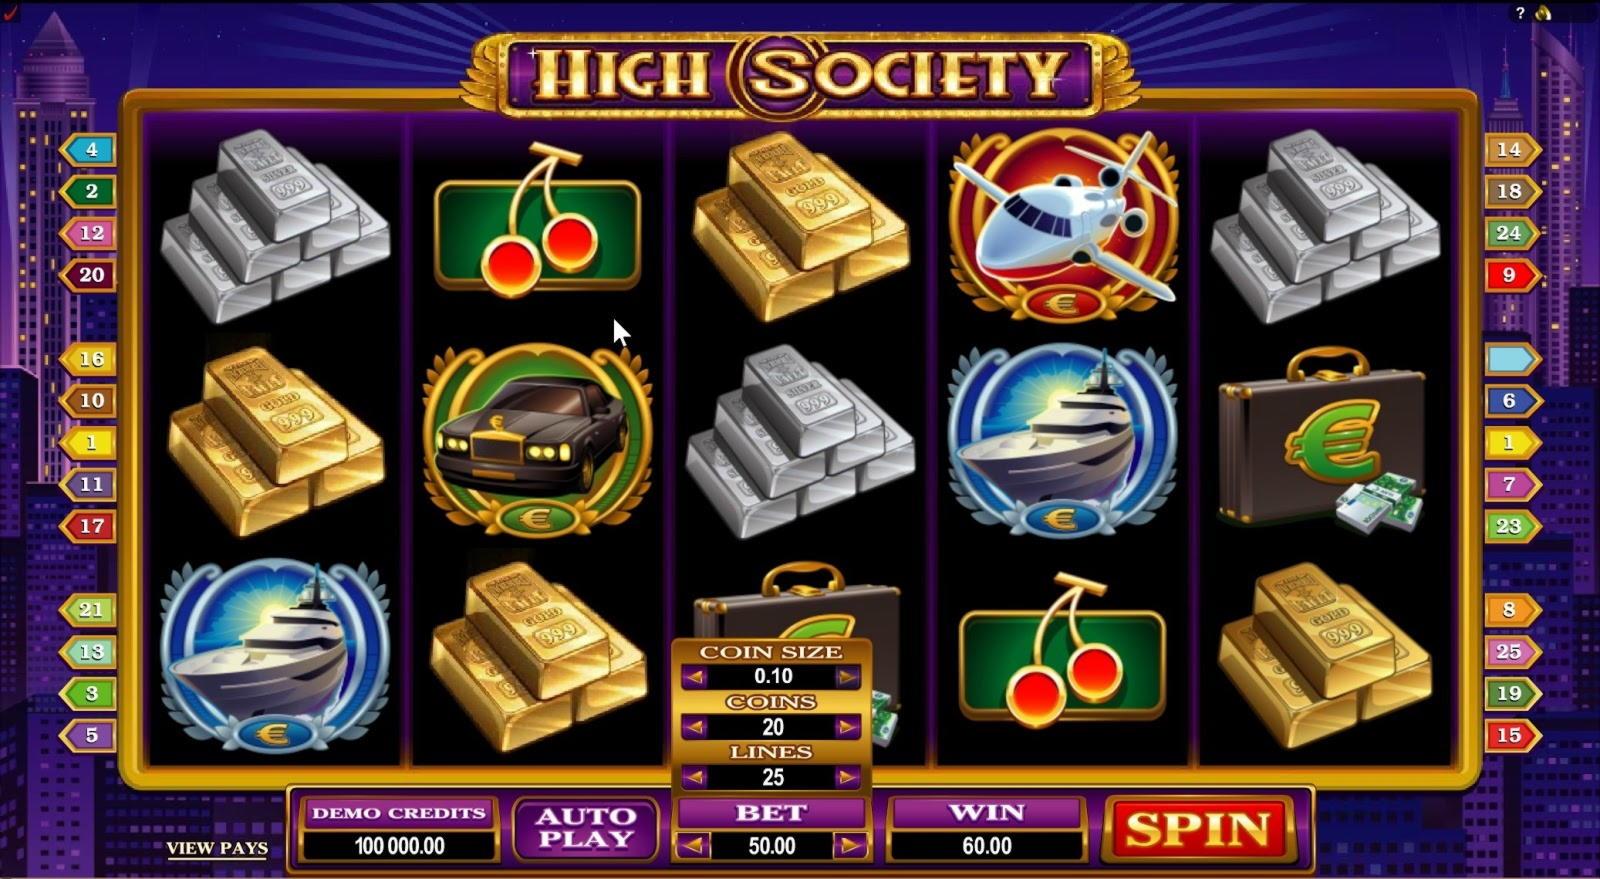 375% โบนัสคาสิโนสมัครสมาชิกที่ดีที่สุดที่ Cherry Jackpot Casino